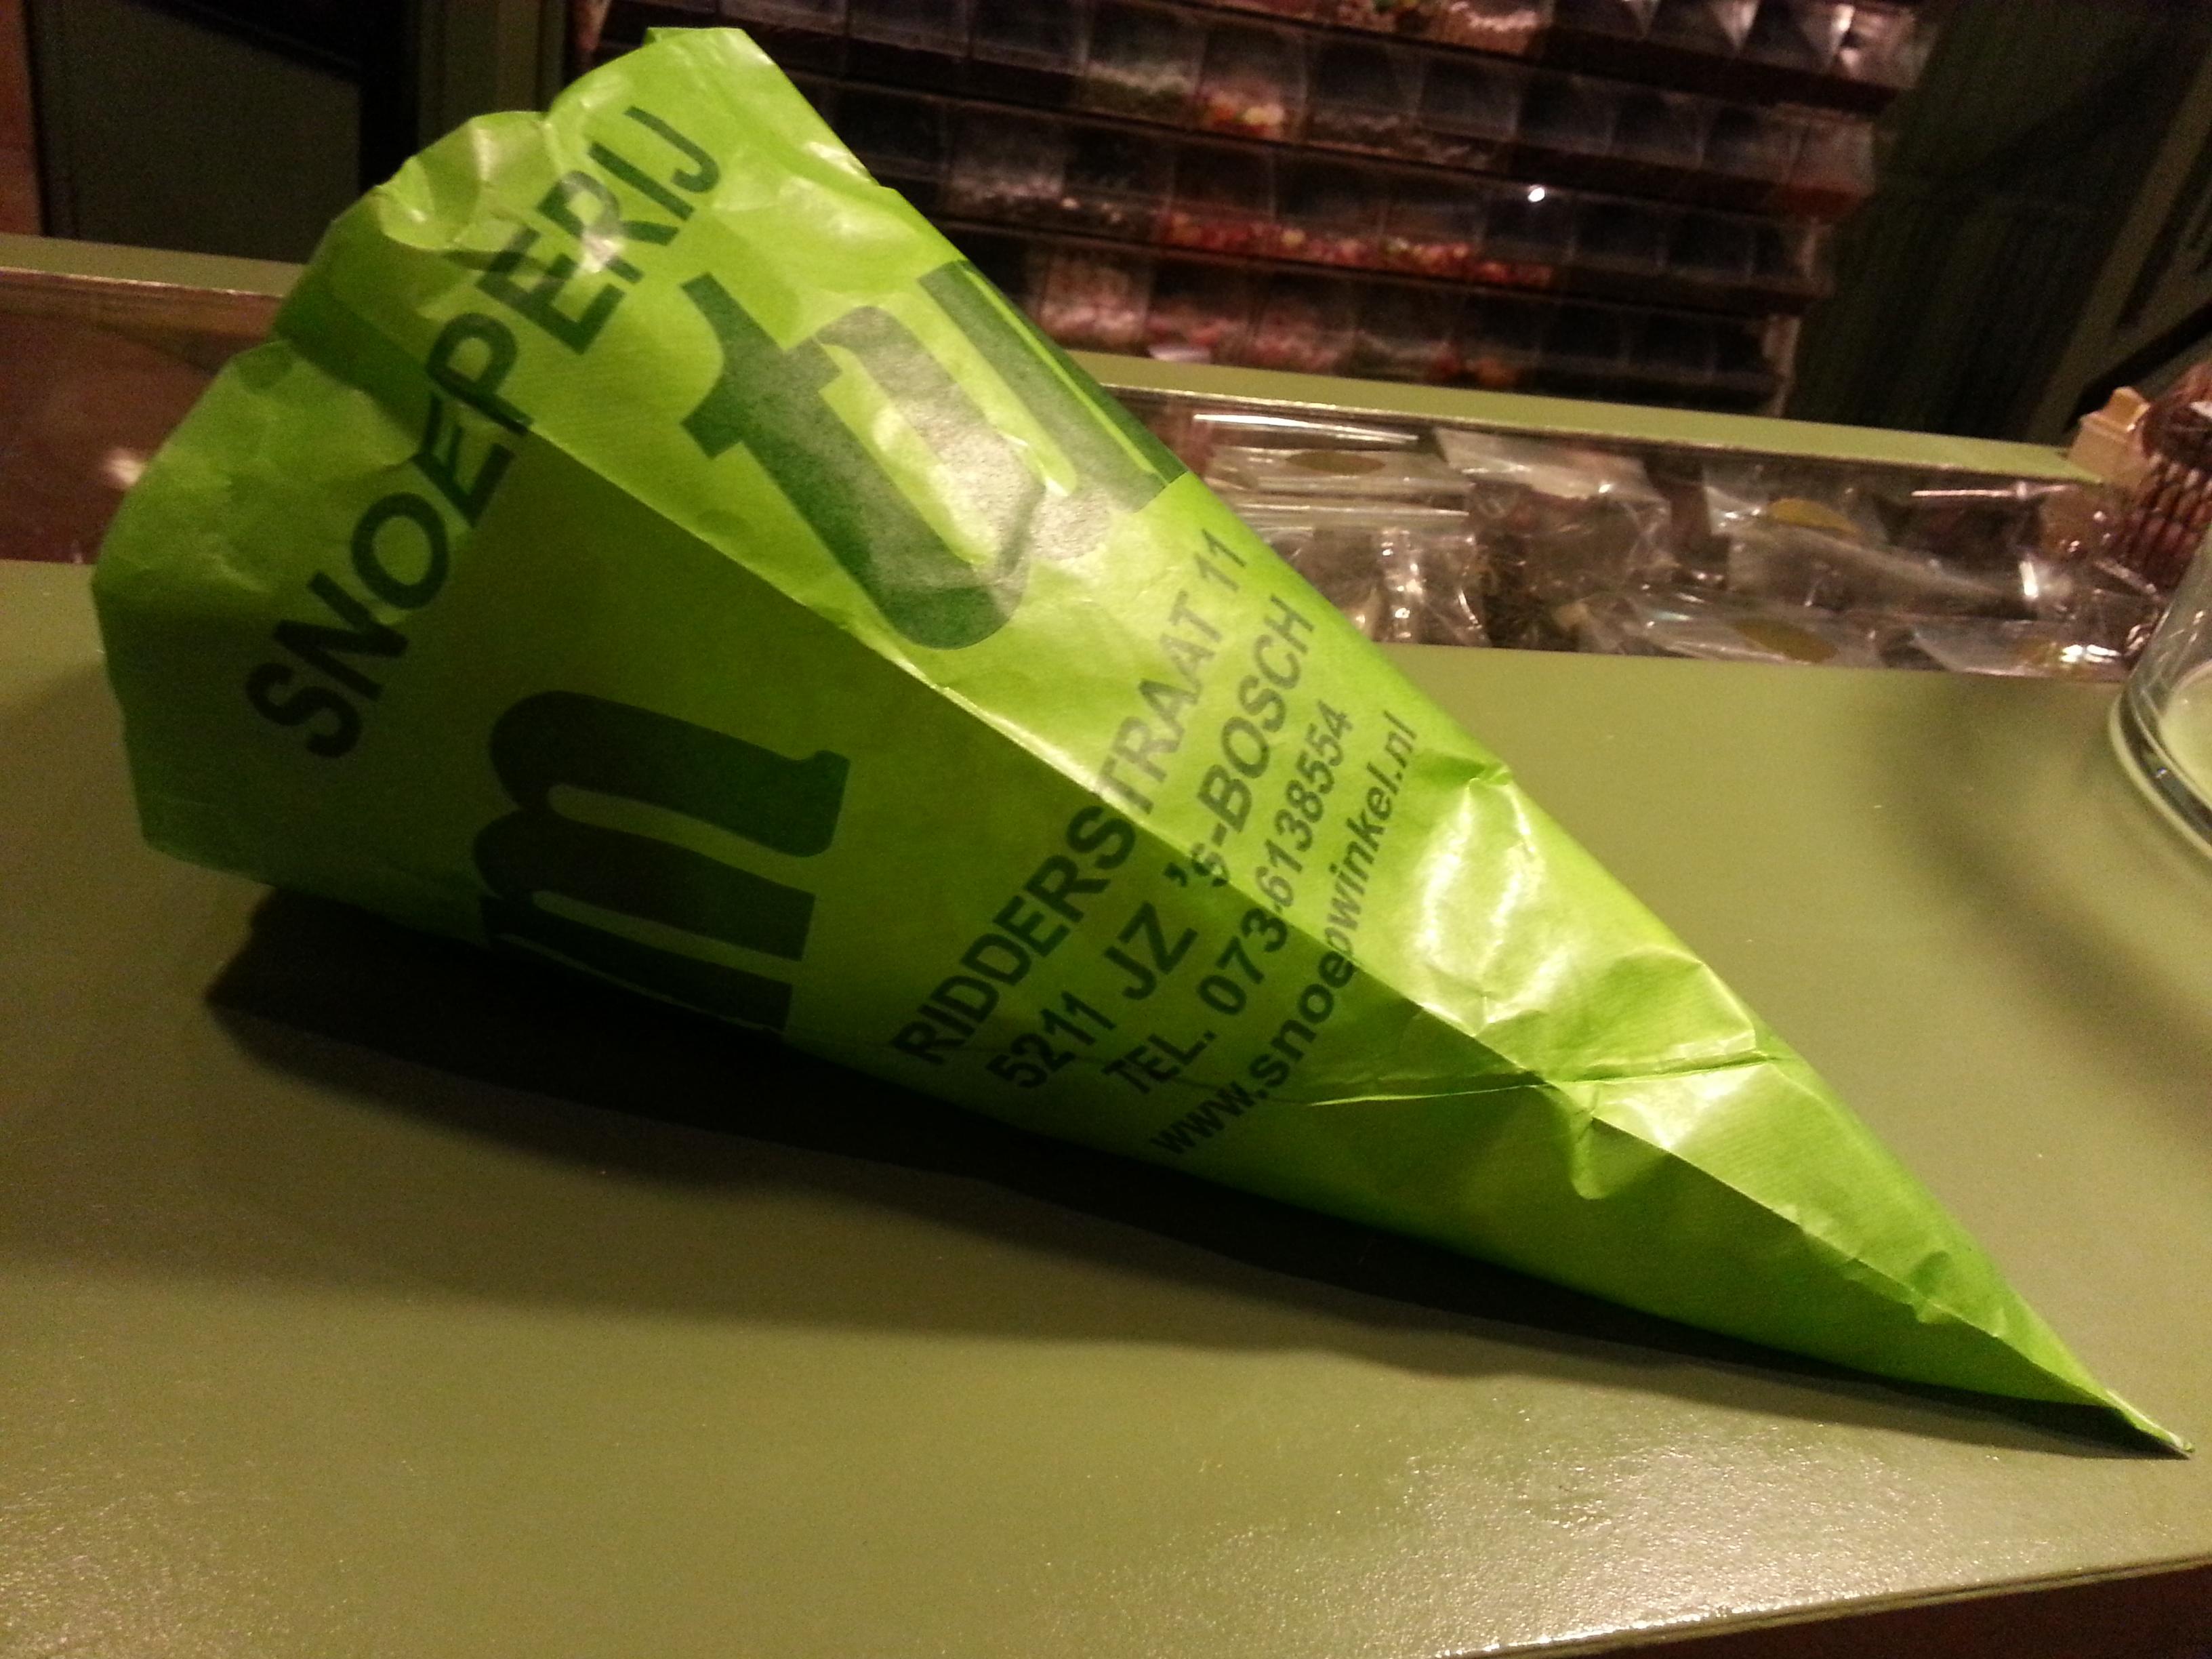 De originele groene TumTum zak